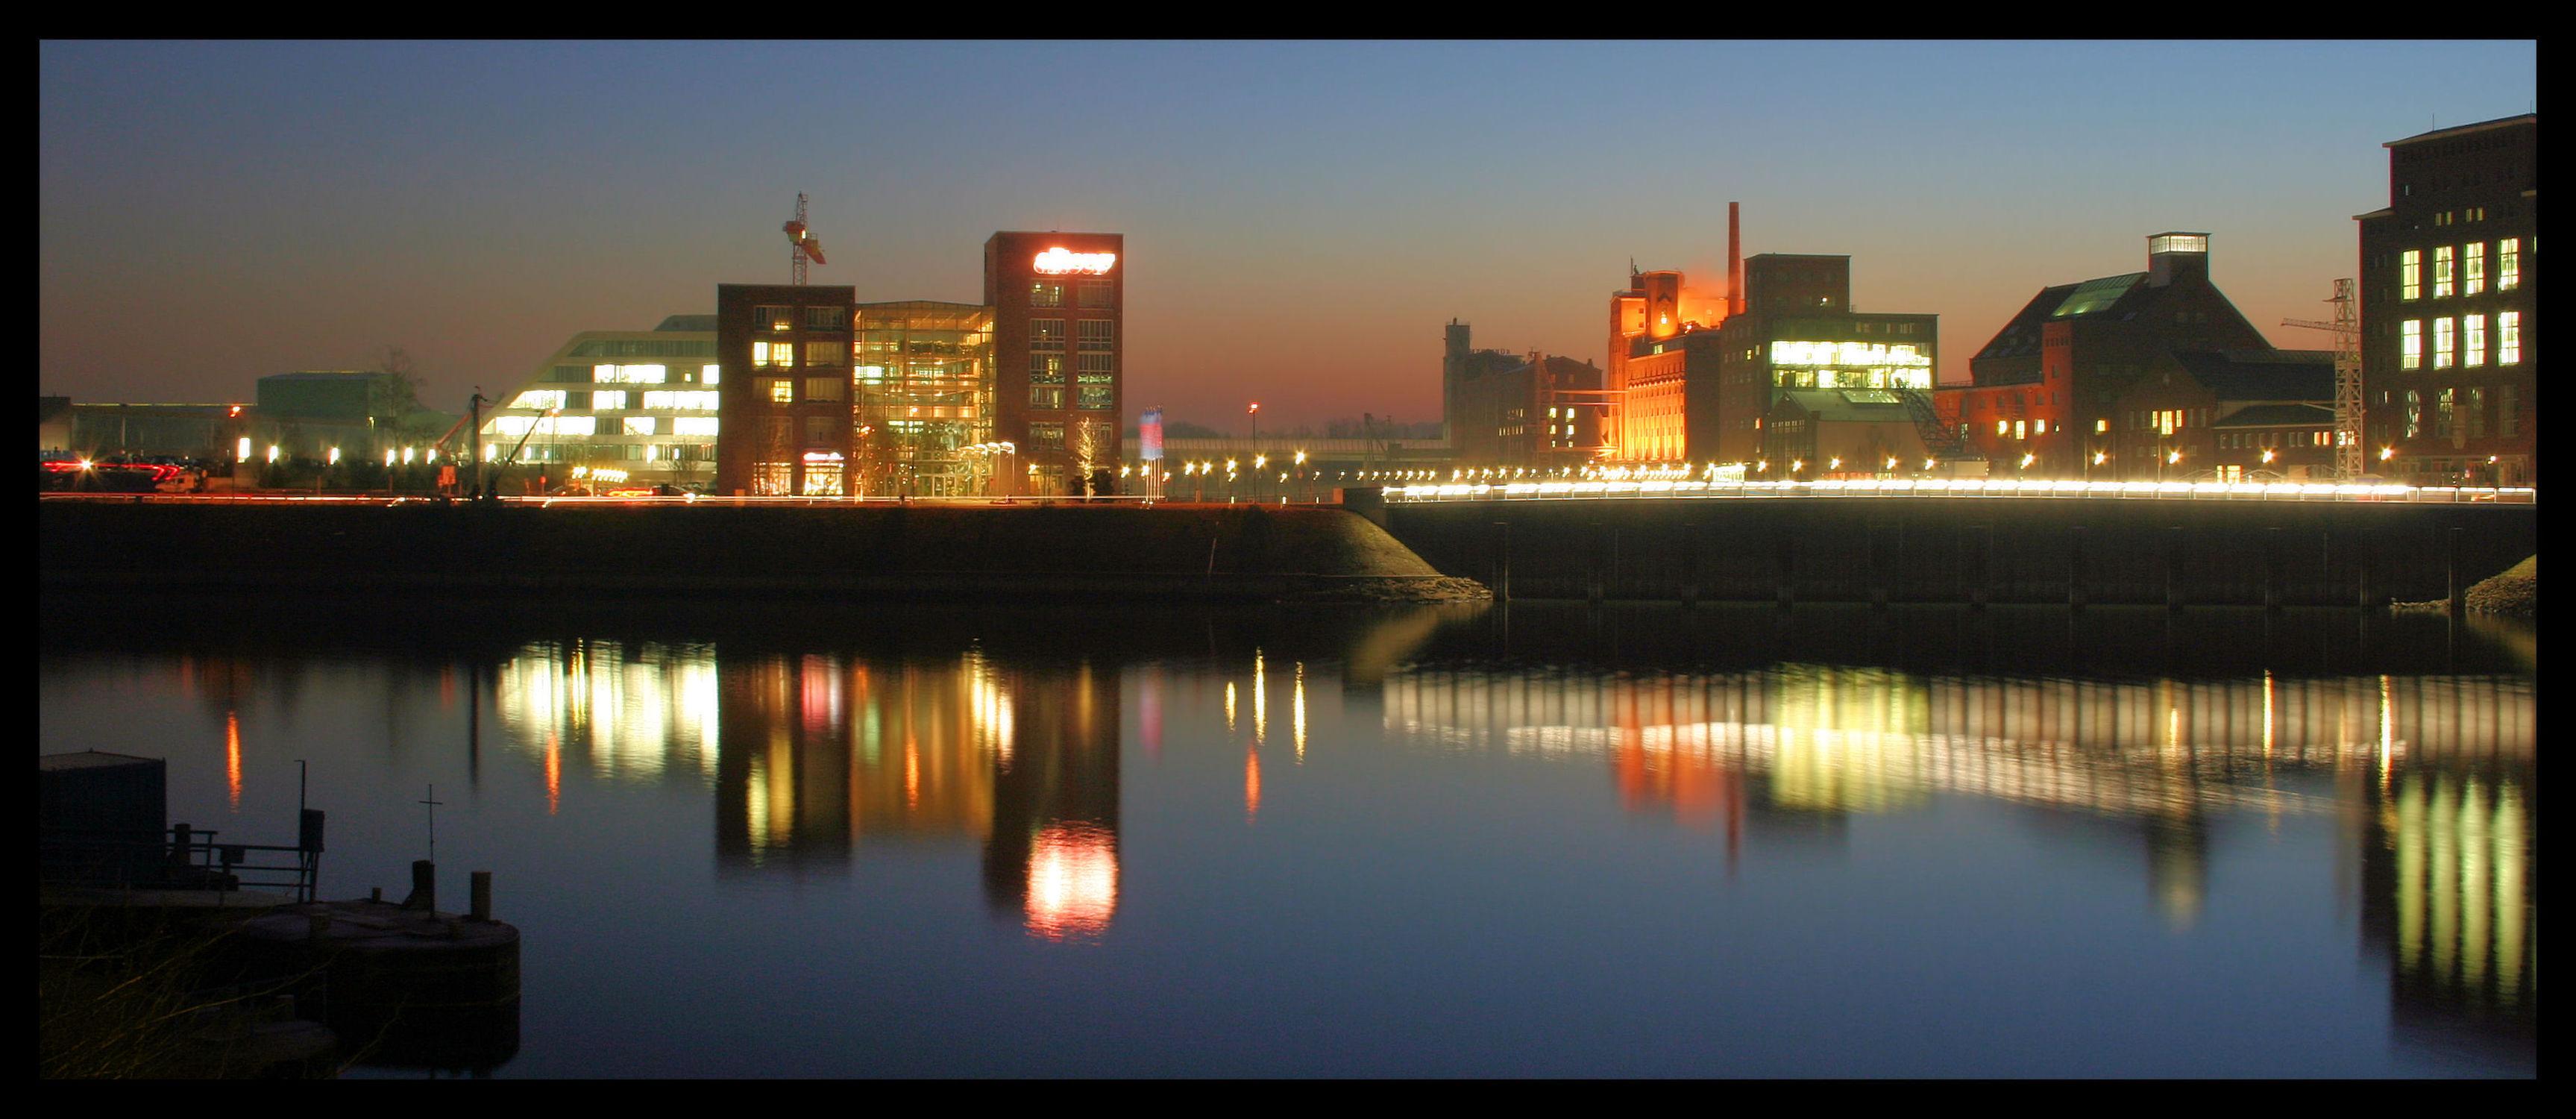 Bild mit Duisburg